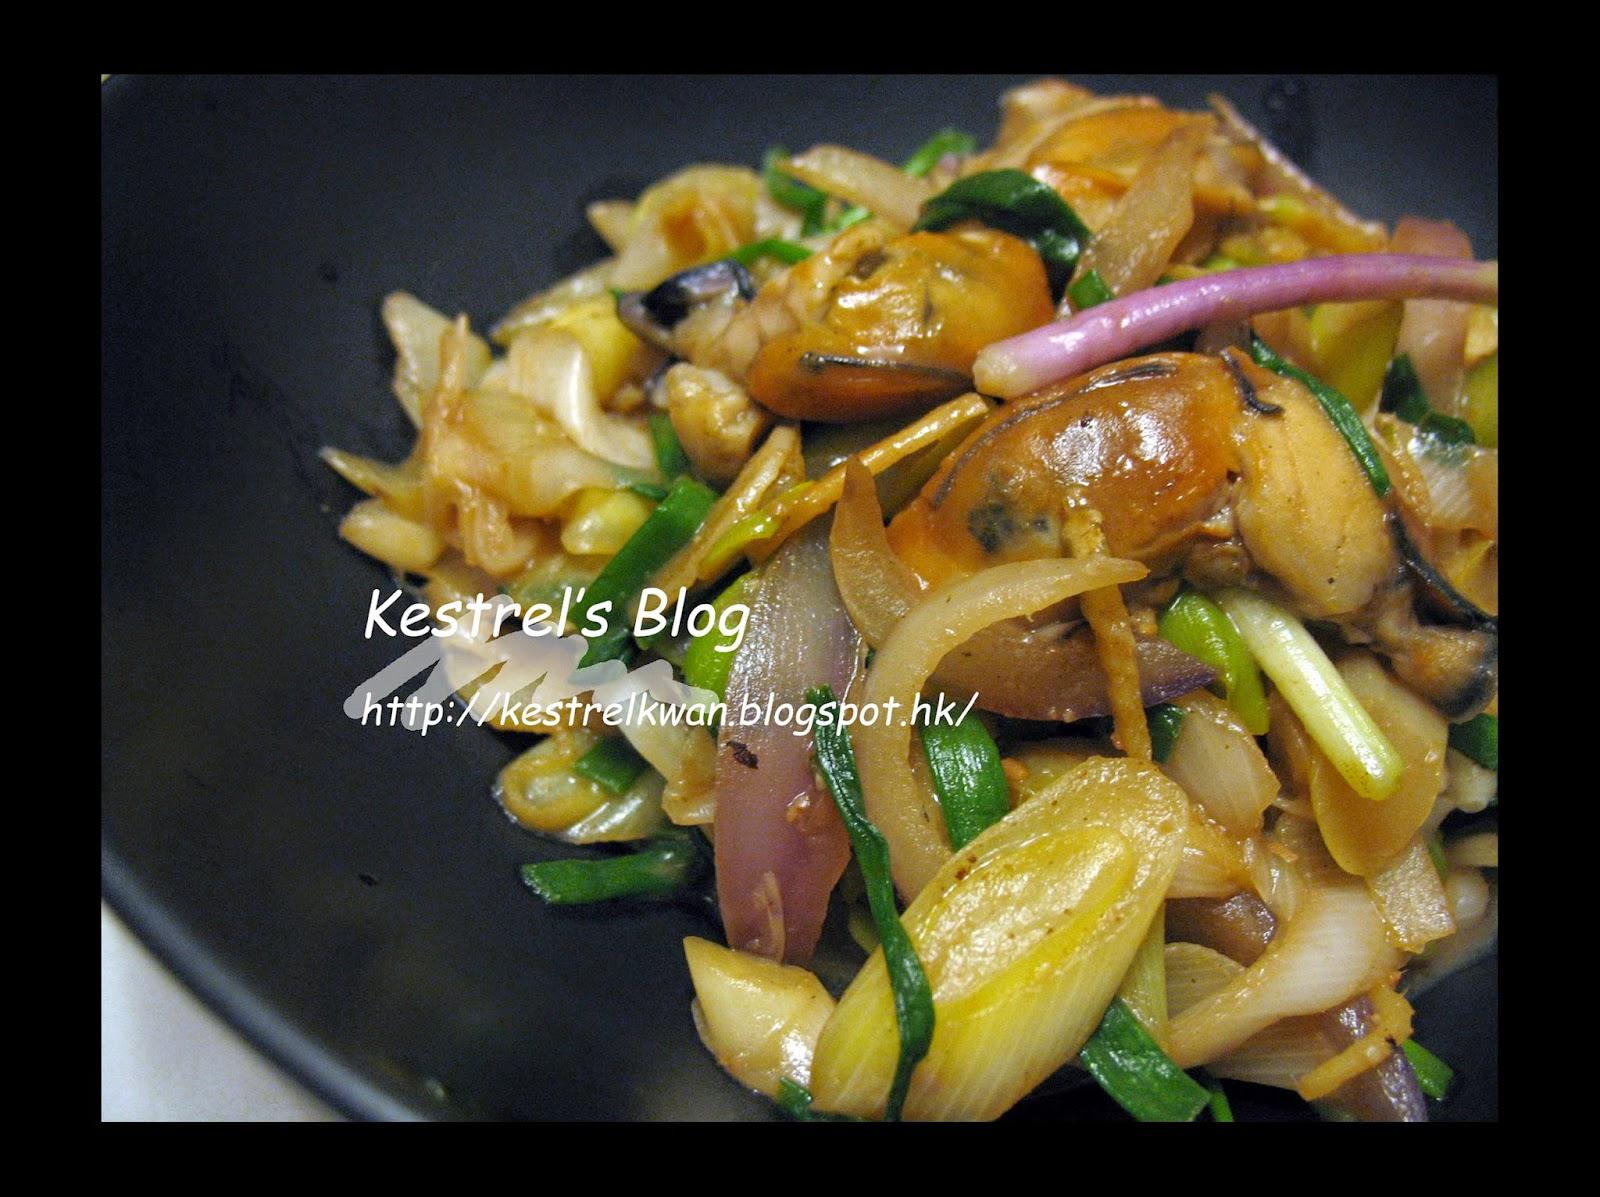 Kestrel's Blog: 味噌薑蔥蠔